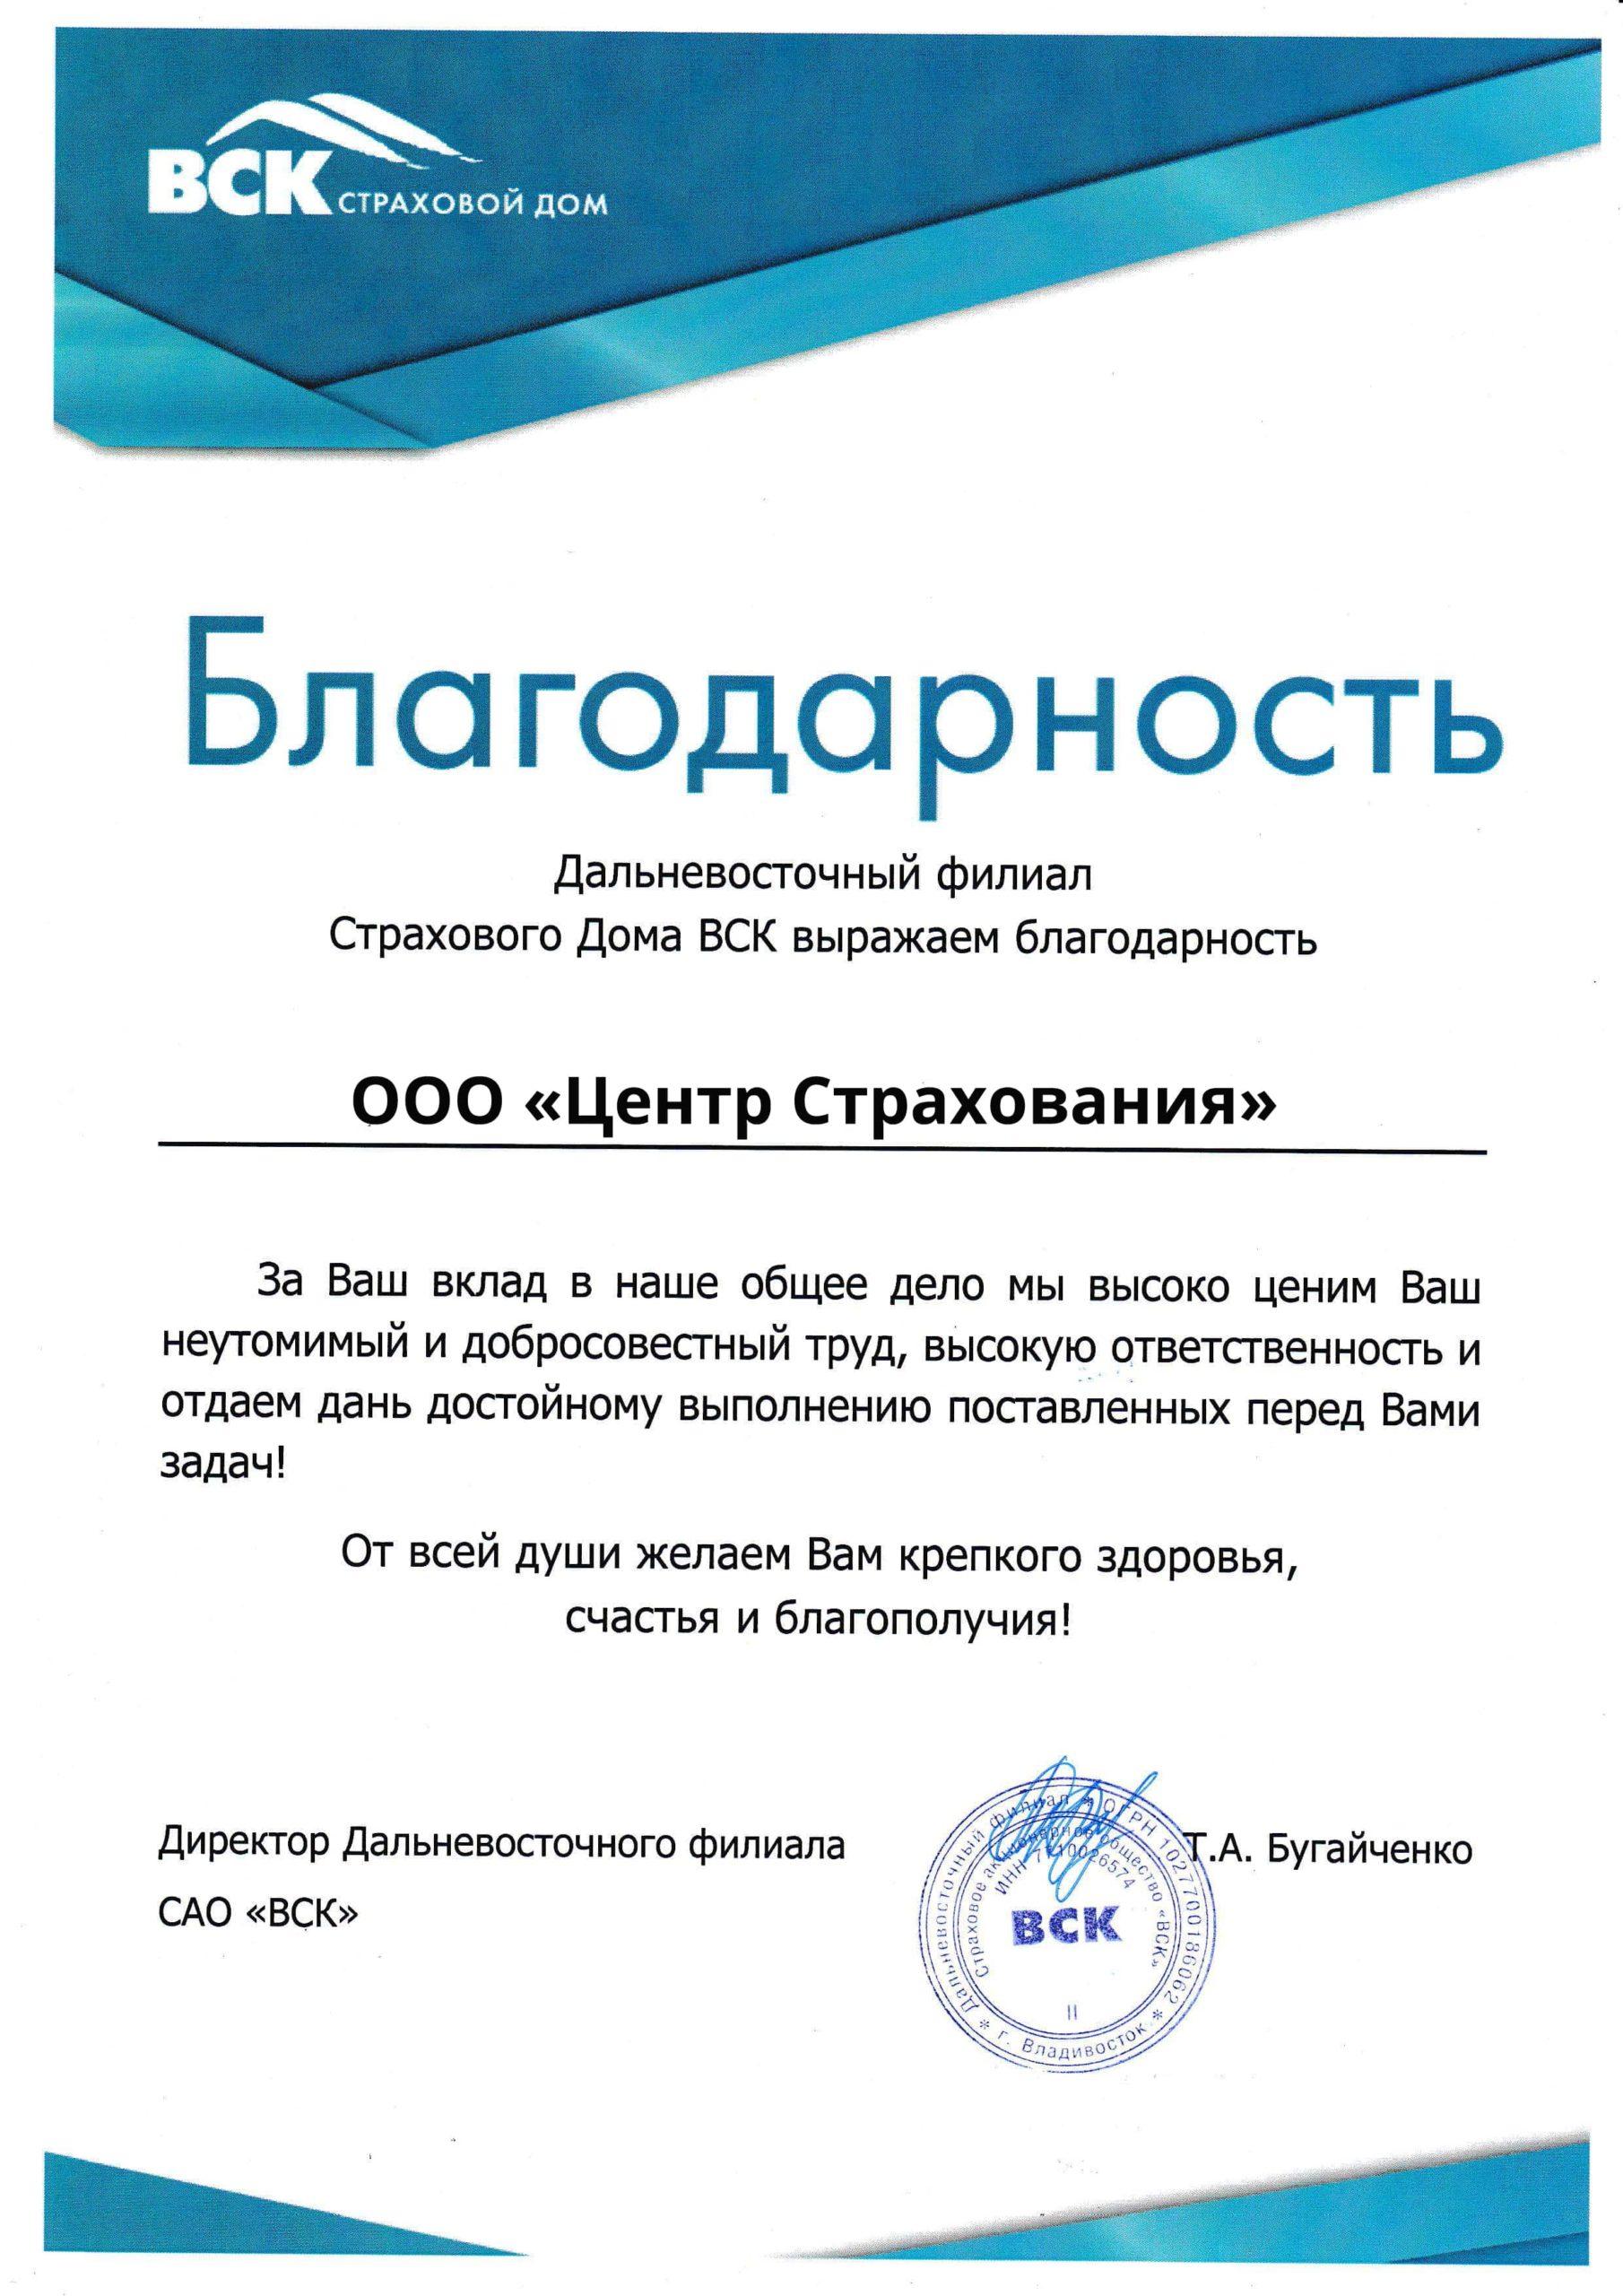 ВСК партнёр с 2018г.